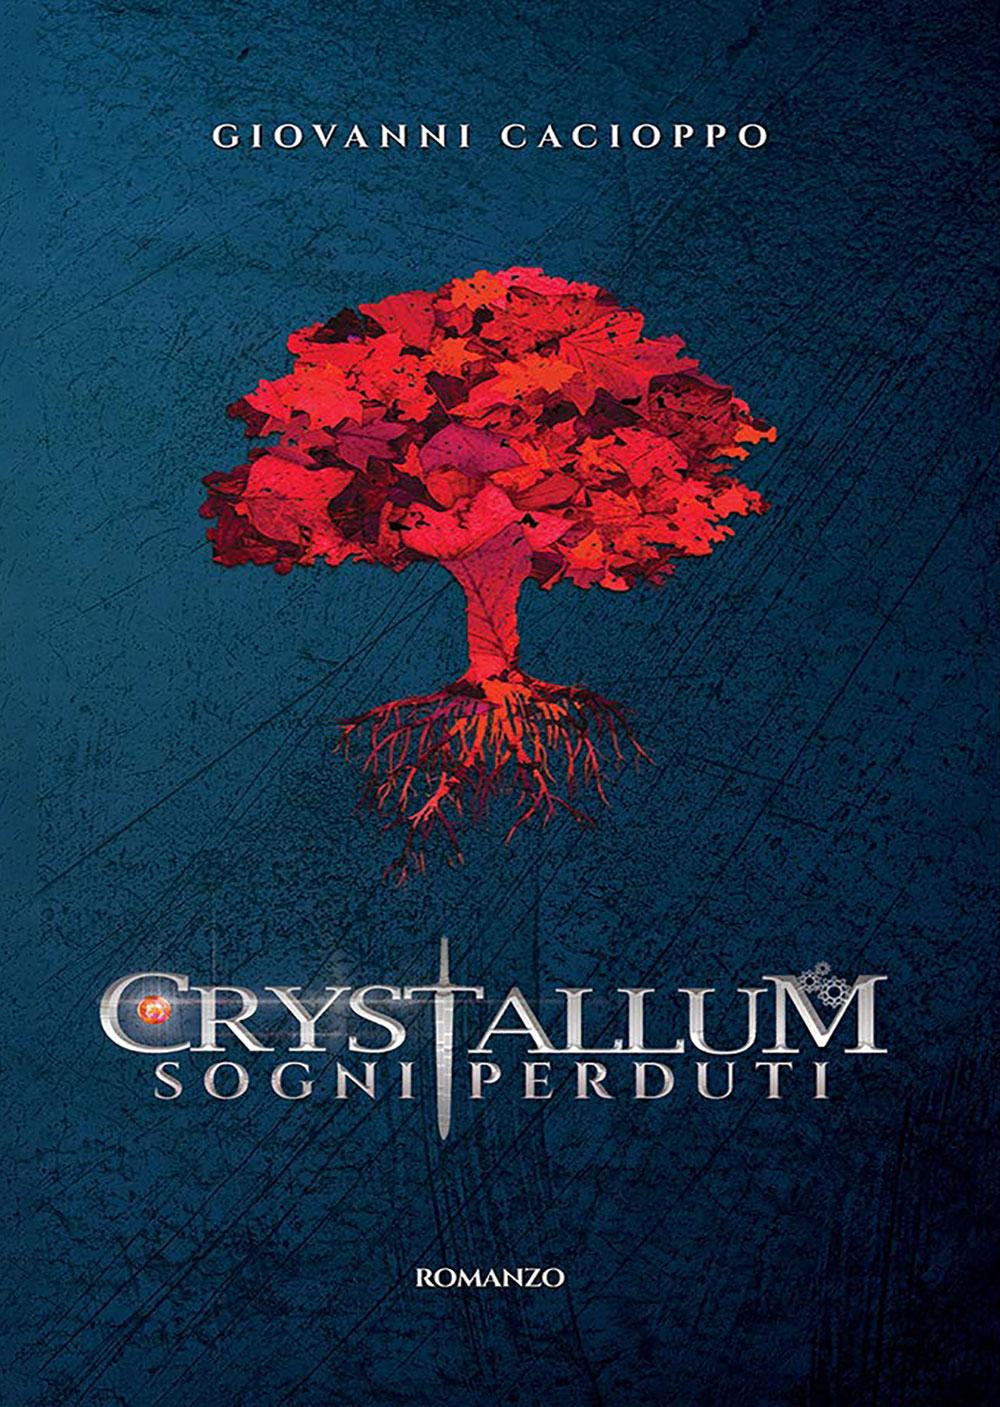 Crystallum saga. Sogni perduti